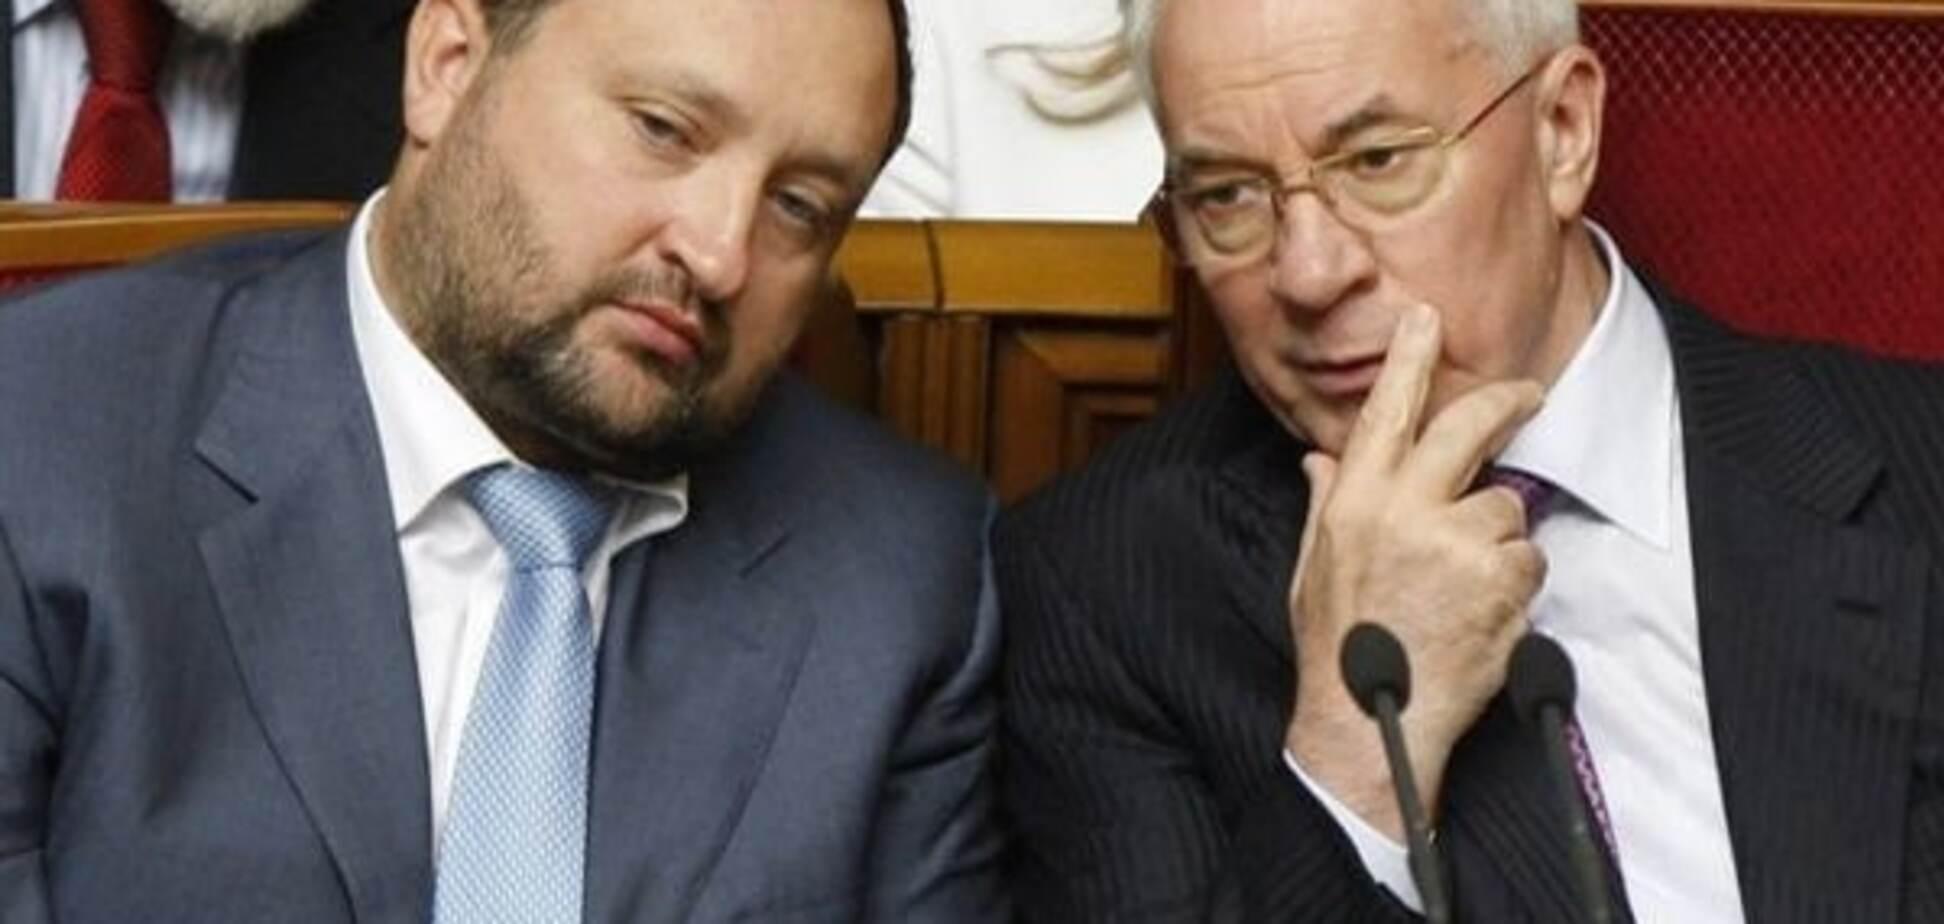 Замість Захарченка 'ДНР' можуть очолити Азаров або Арбузов - Тимчук